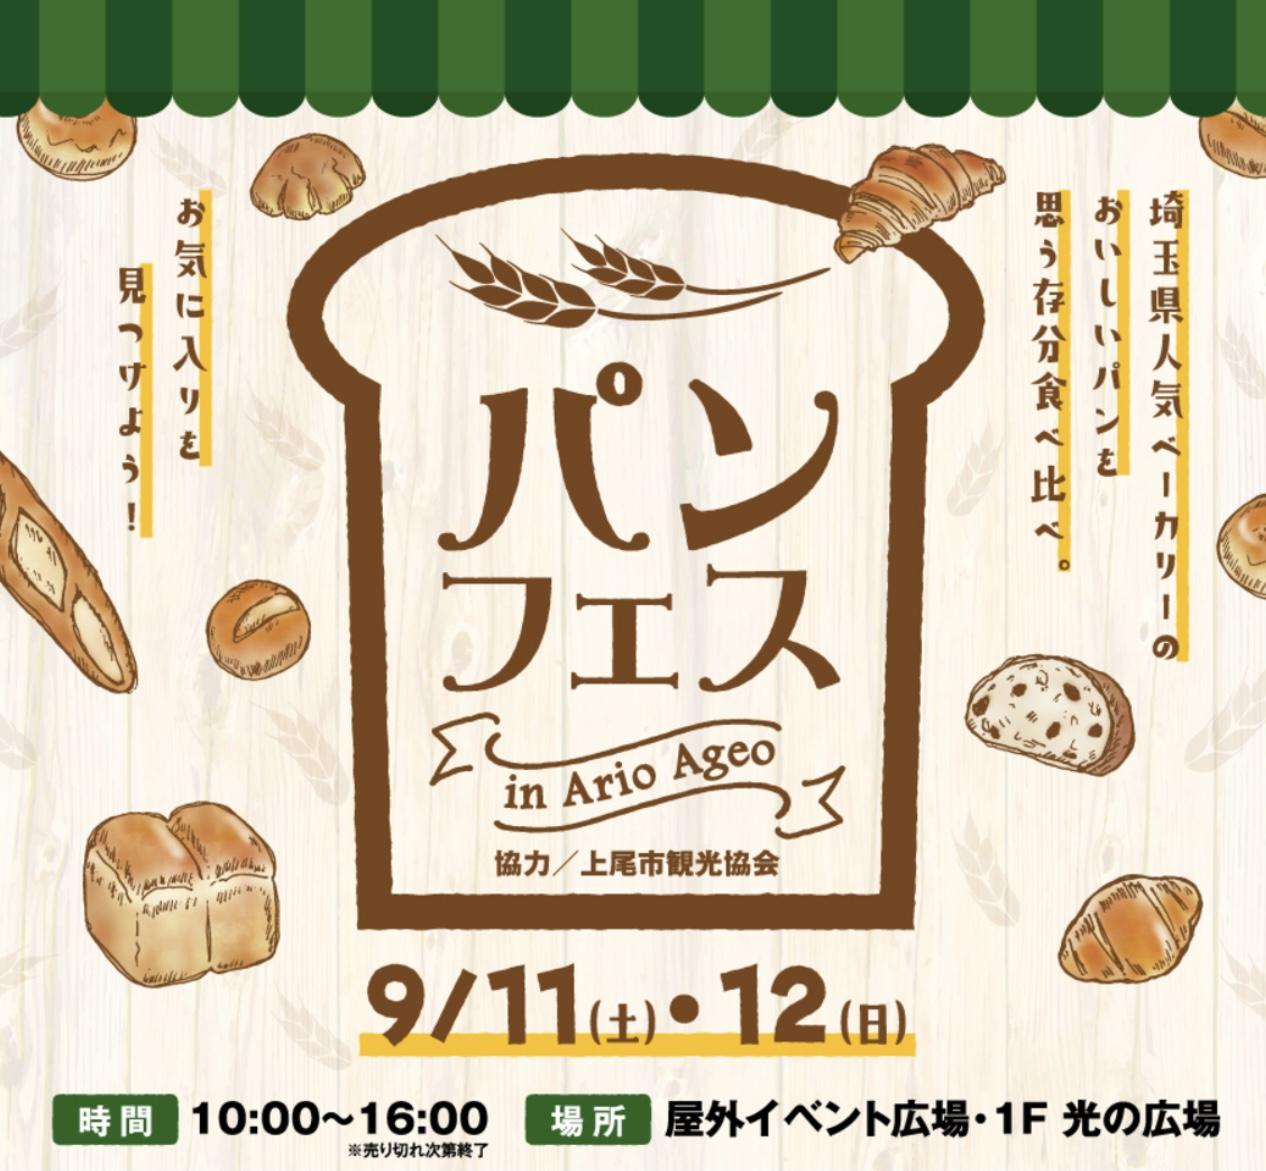 埼玉県の人気ベーカリーが大集合!2021年9月11日から9月12日『アリオ上尾』で『パンフェス』開催します。